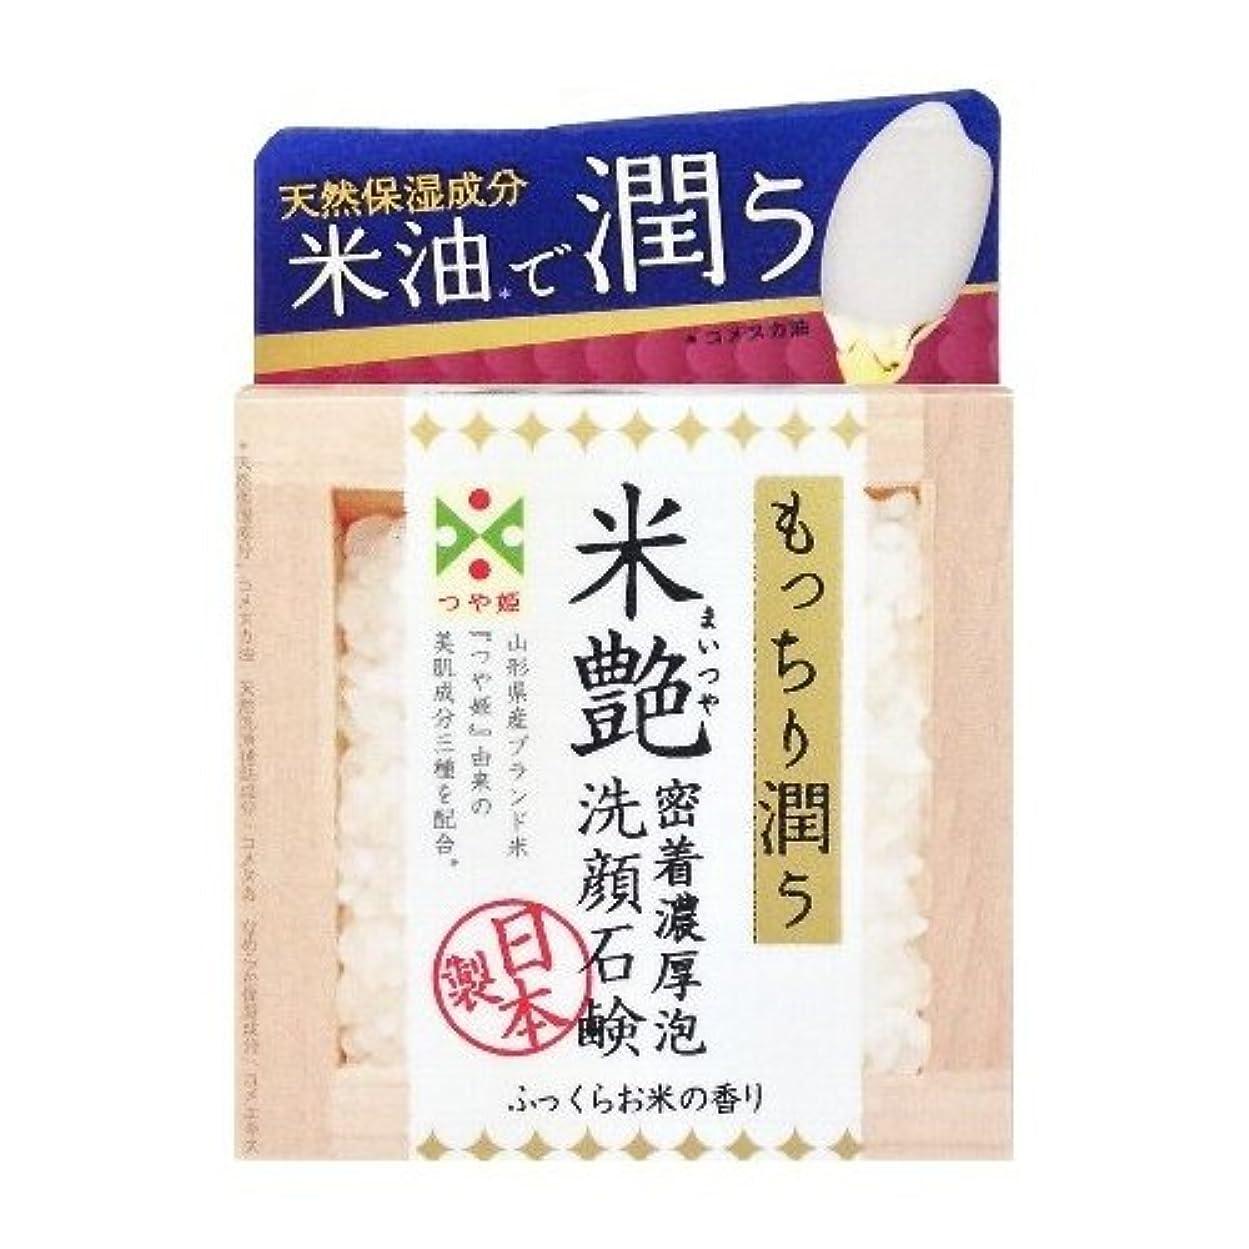 ヒステリック慈悲土器ペリカン石鹸 米艶洗顔石鹸 100g